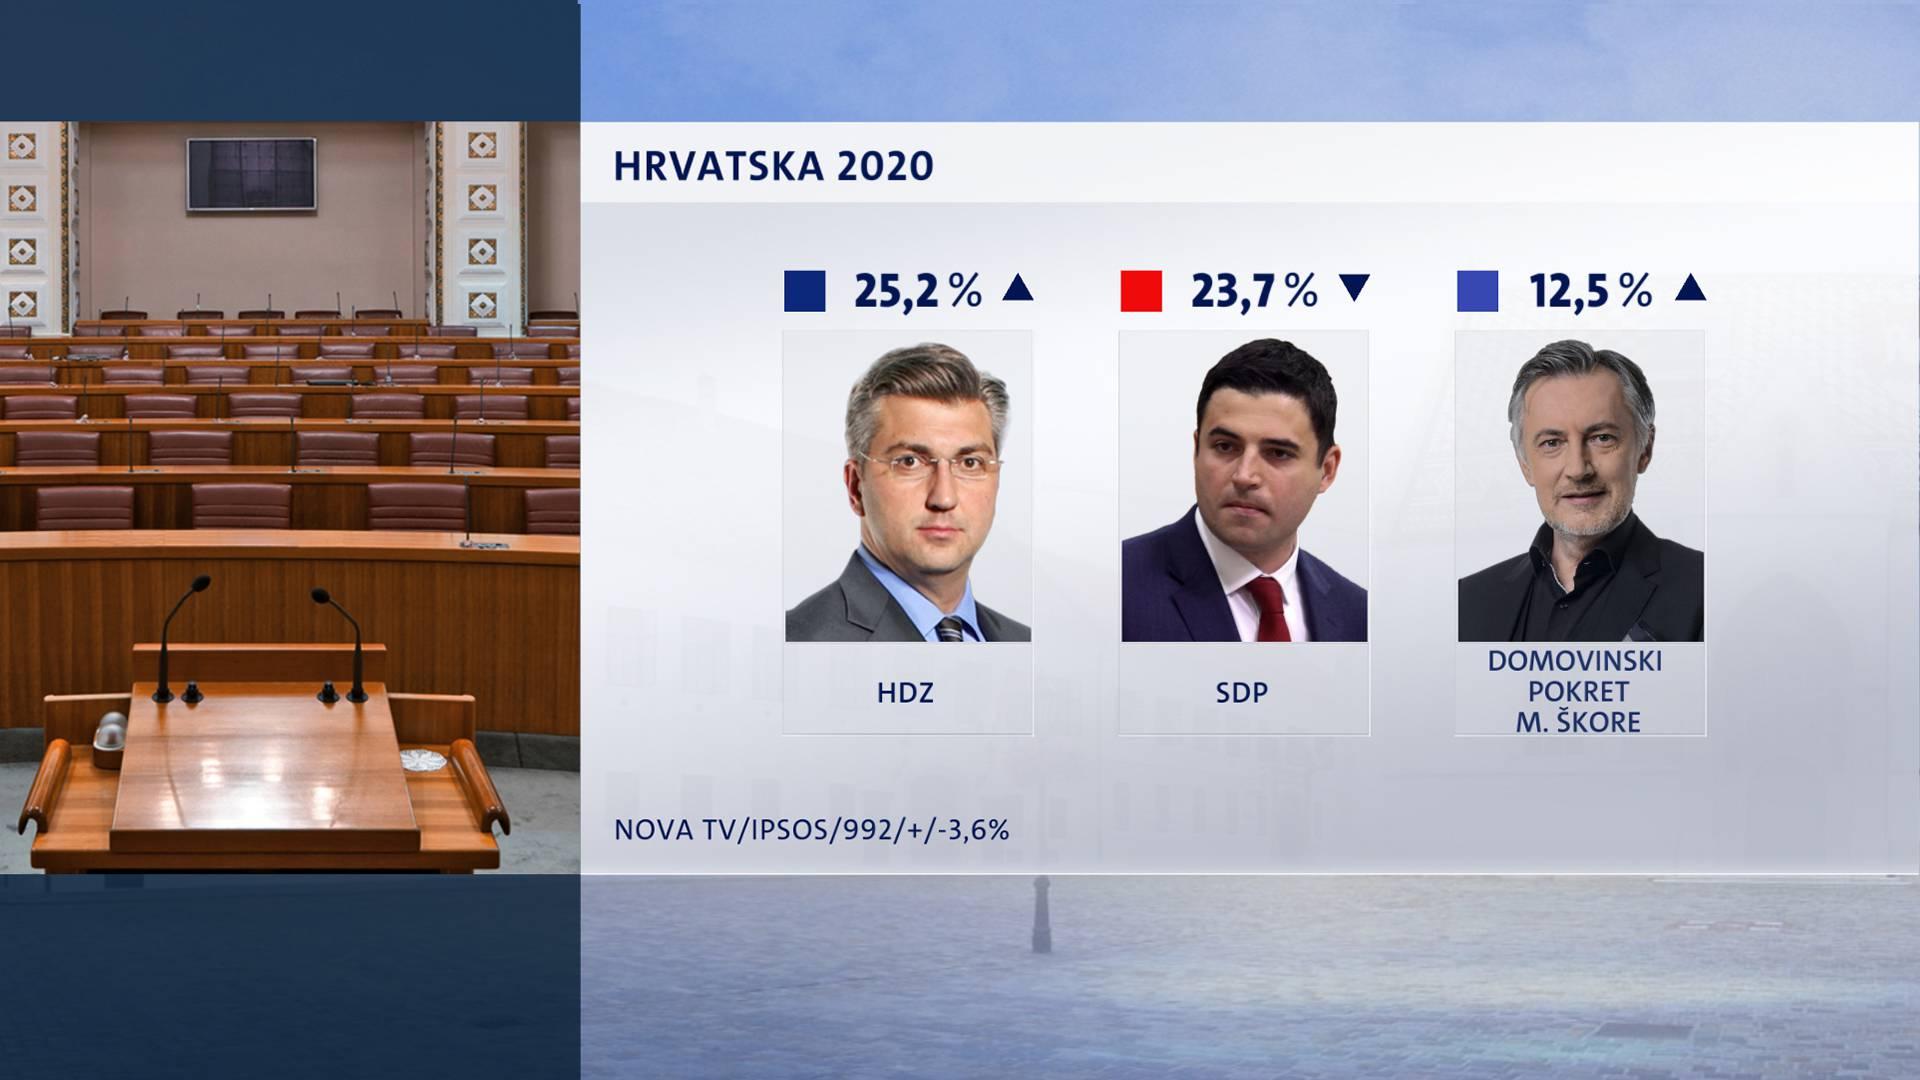 Novi Crobarometar: Kriza digla HDZ - opet su vodeća stranka